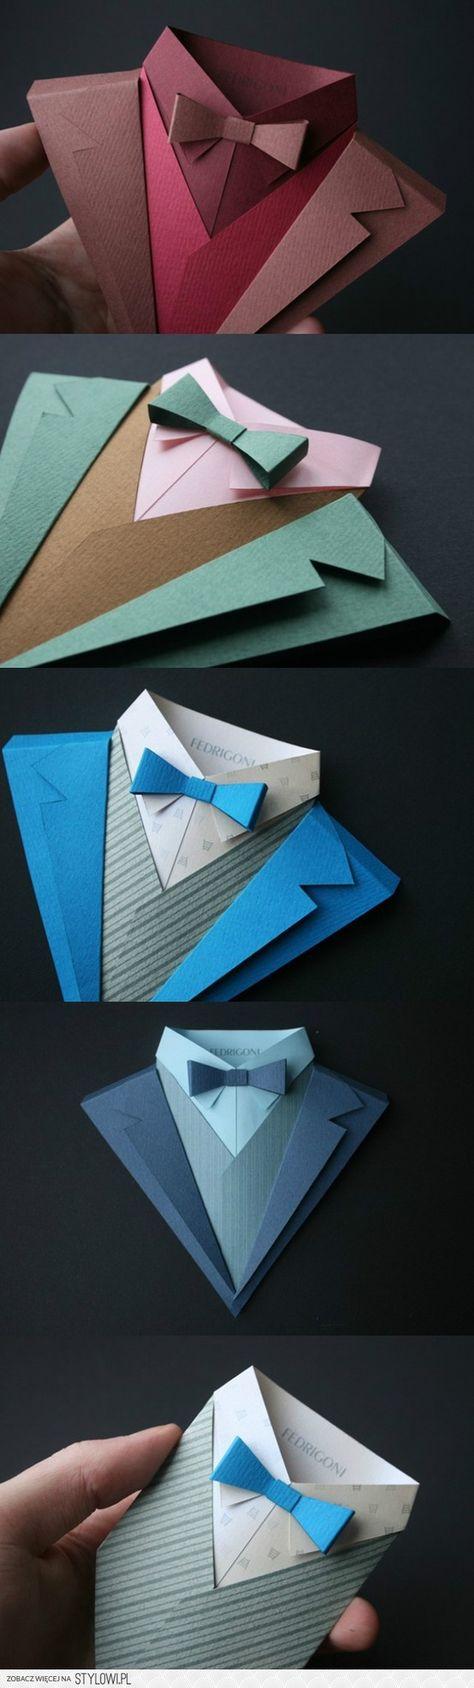 Origami suit & tie - repin